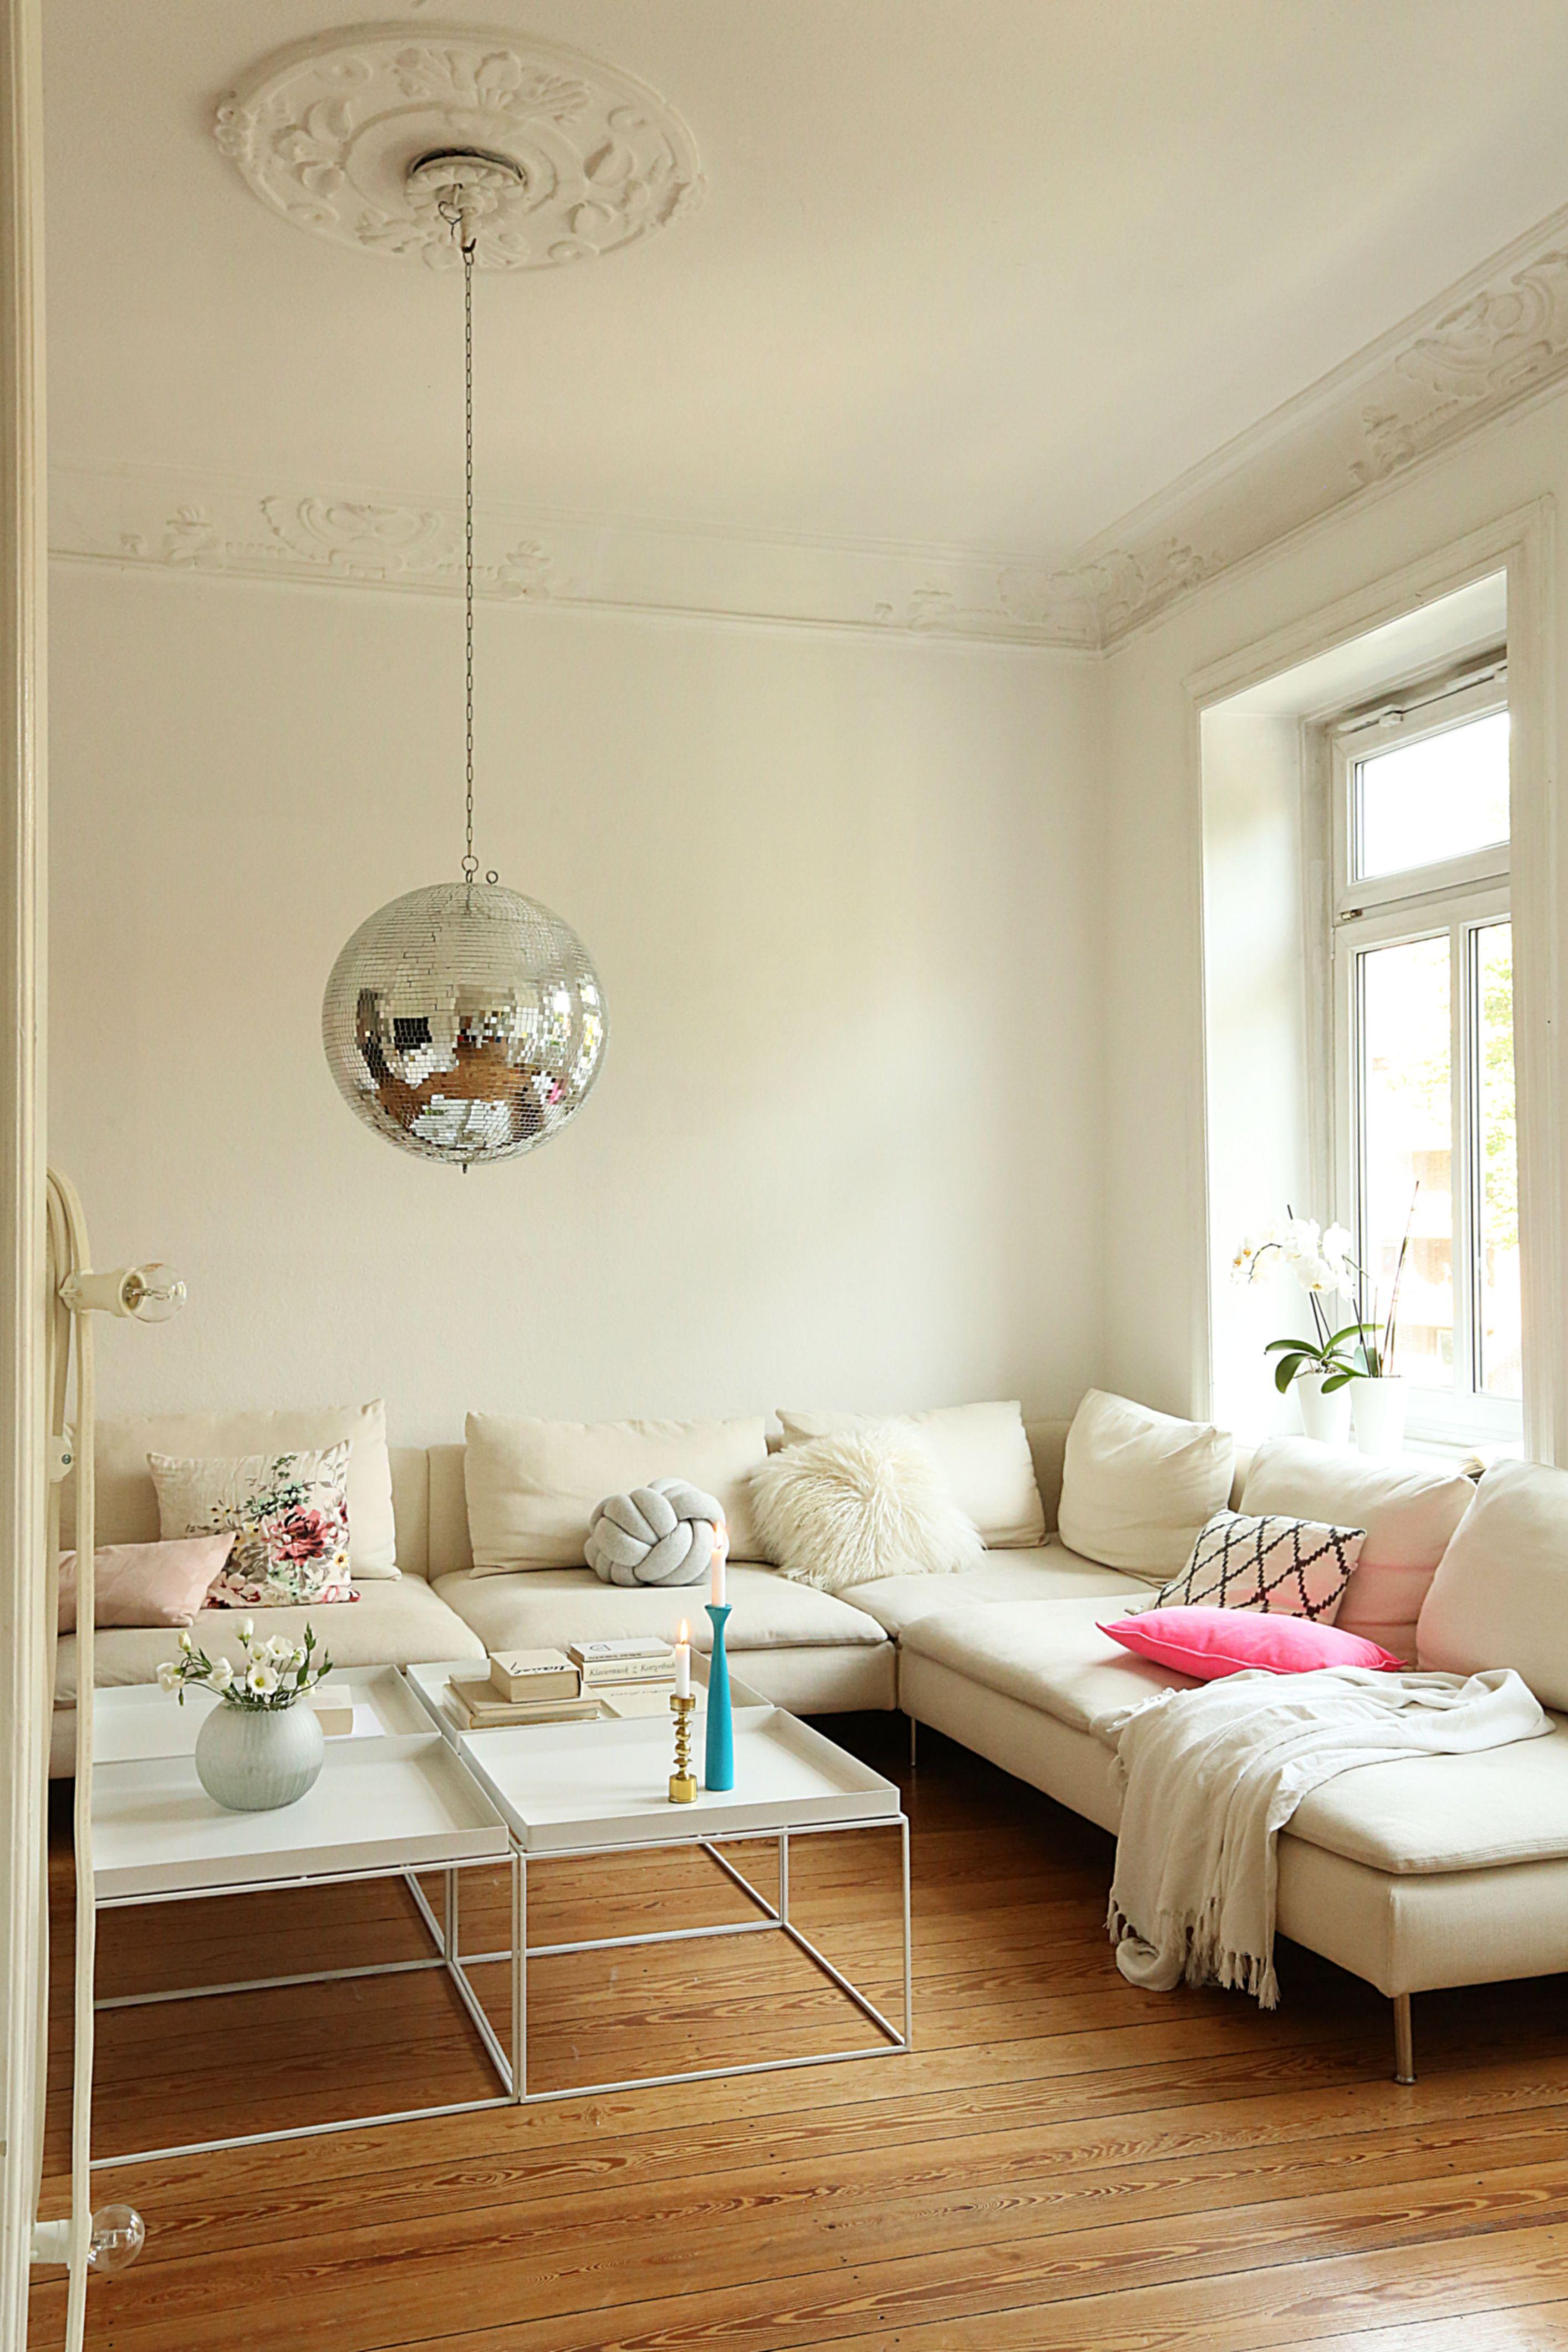 Neon, Altbau, Wohnzimmer, Livingroom, Wohnen, Einrichtung, Deko, Hay Tray